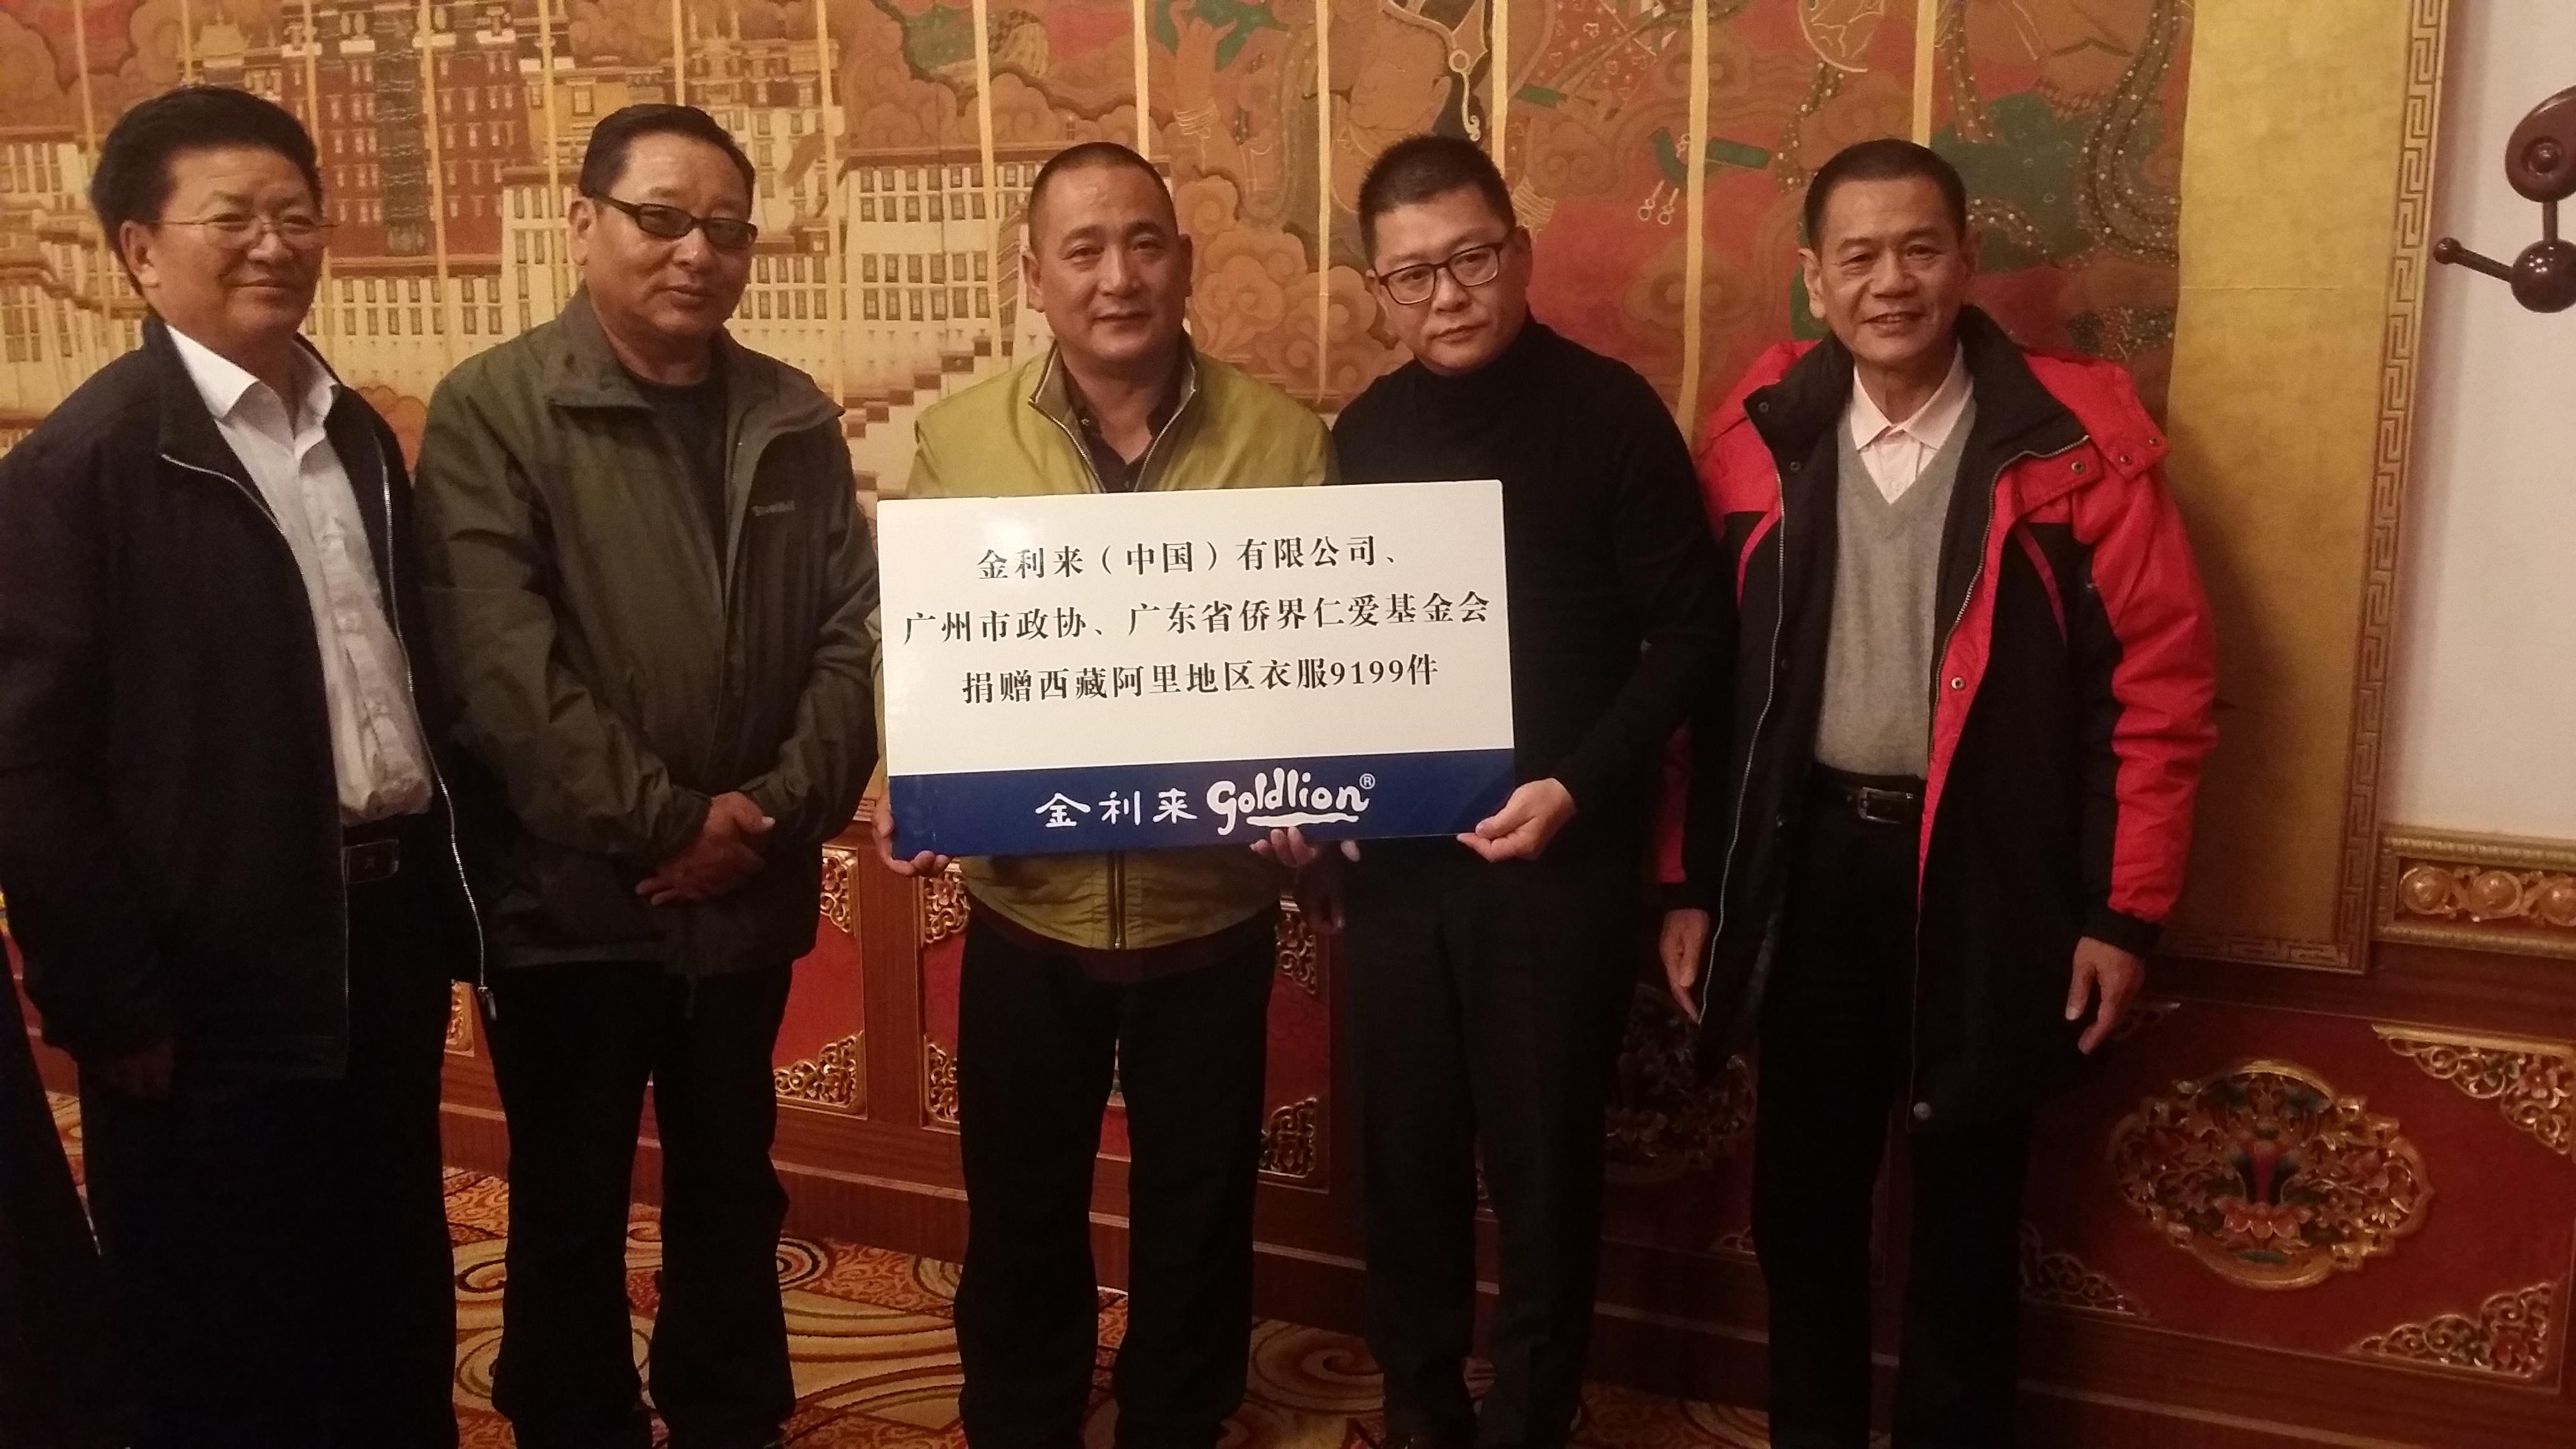 2014年10月2日,金利来向西藏阿里地区捐赠物资交接仪式在西藏自治区政协进行。左三起至右为阿里地区政协副主席洛桑山丹活佛、黄金城官网登录|hjc黄金城新网站|黄金城gcgc副主席兼行政总裁曾智明